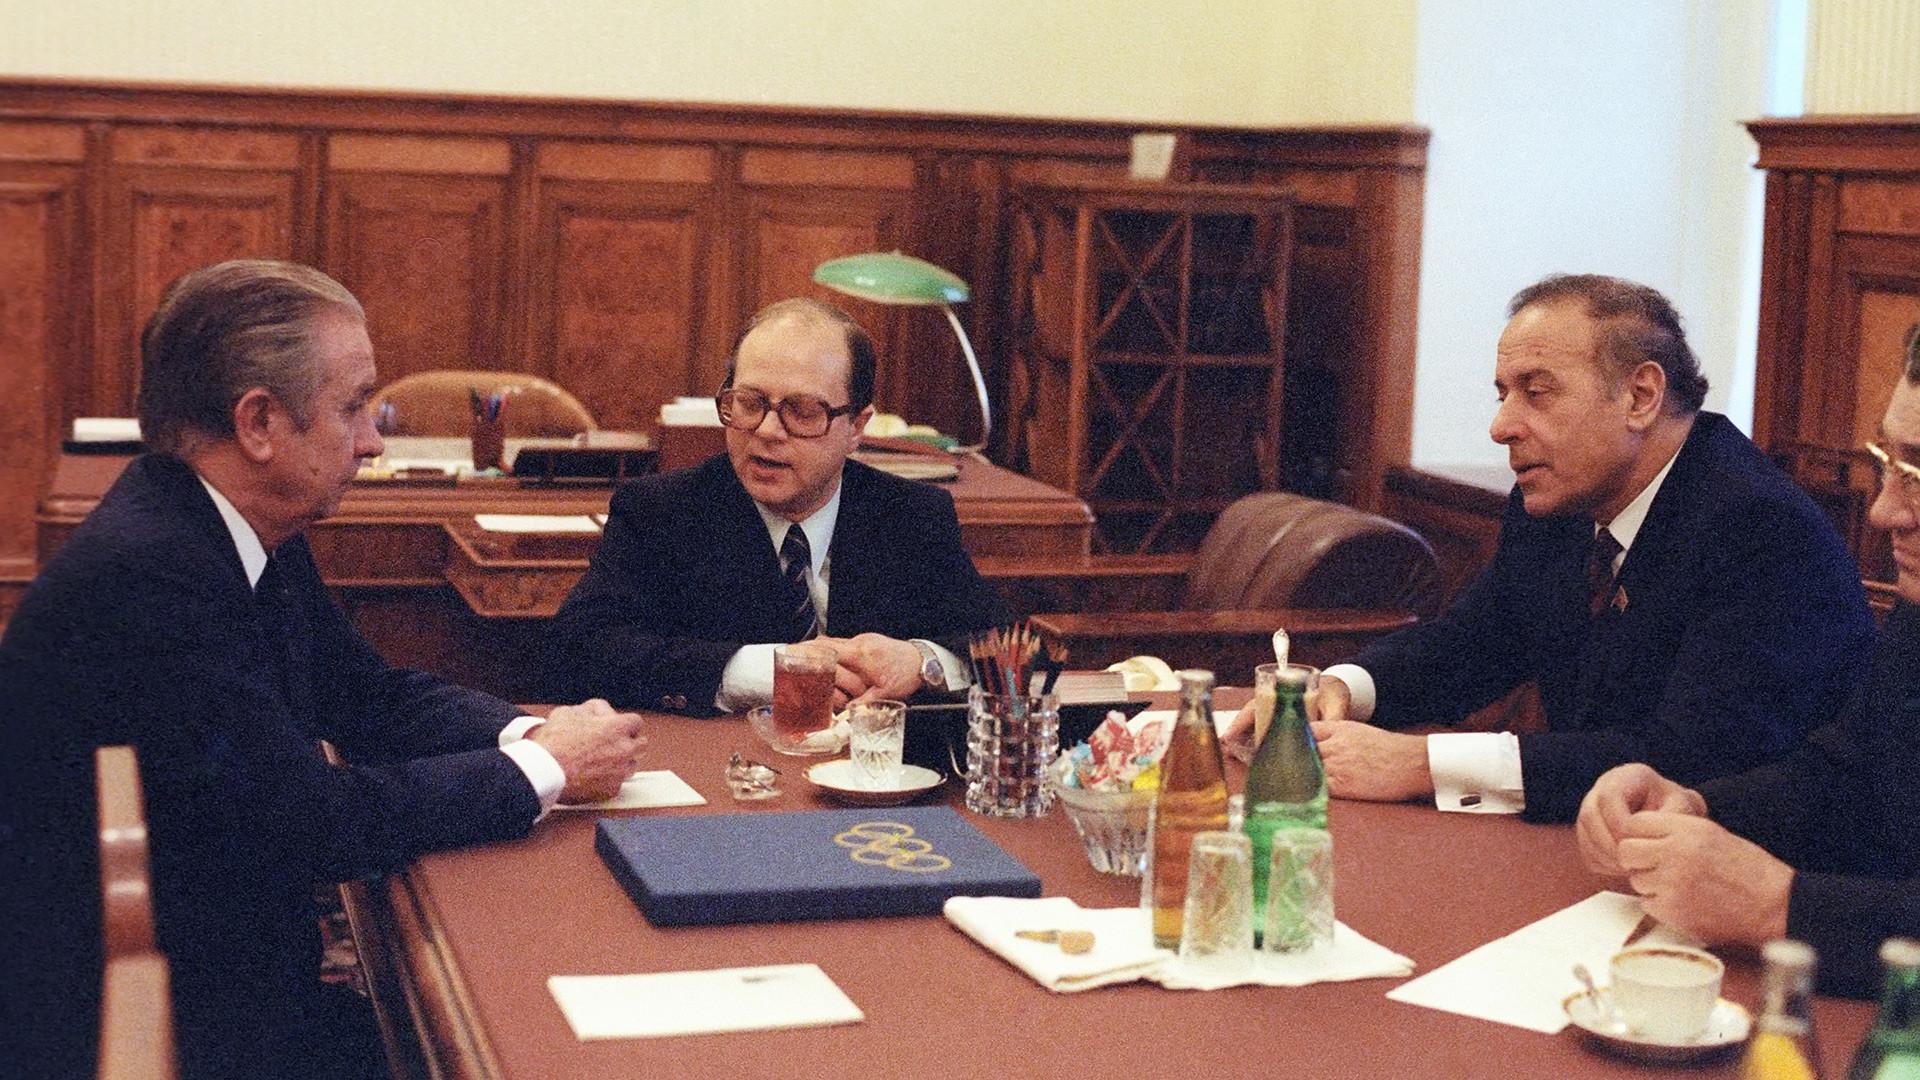 Erster Stellvertretender Ministerpräsident der Sowjetunion Gejdar Alijew (r.) mit dem damaligen Präsidenten des Internationalen Olympischen Komitees Juan Antonio Samaranch (l.) im Kreml, Dezember 1982